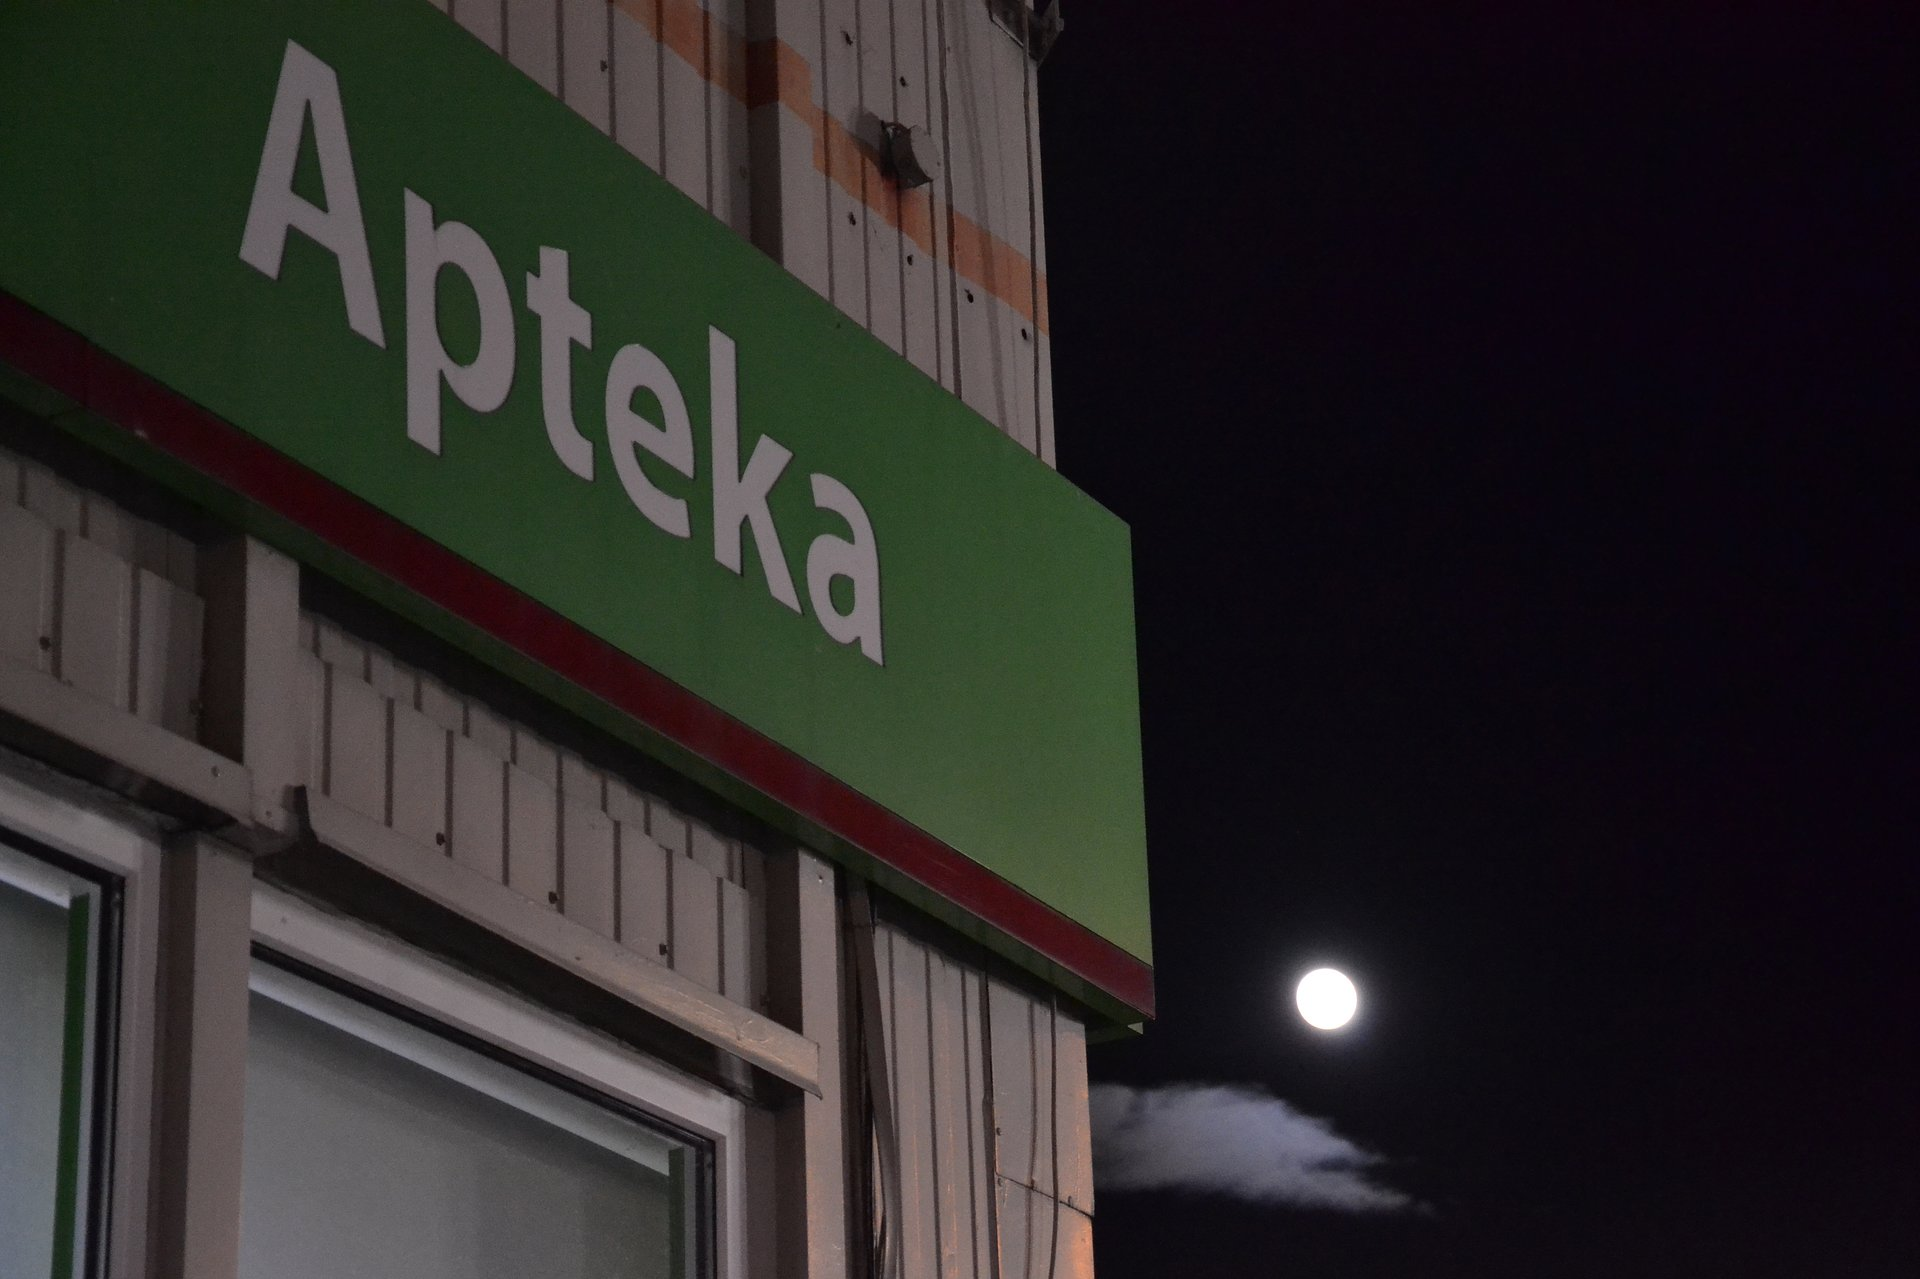 Przyszpitalna apteka całodobowa - rozwiązanie problemu nocnych dyżurów?